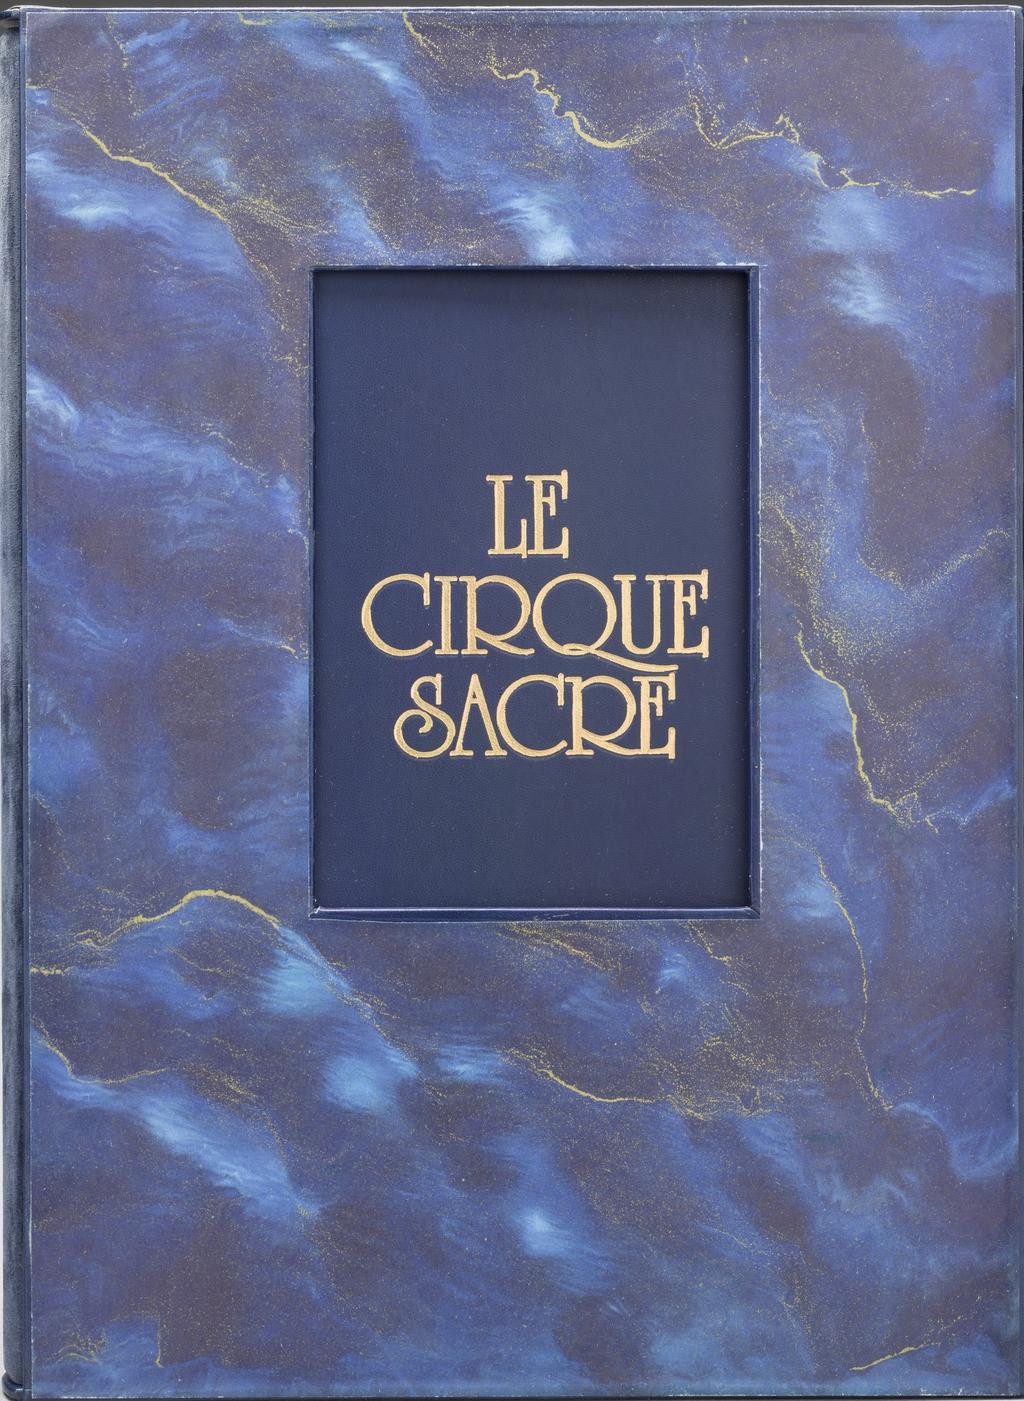 Le Cirque sacré